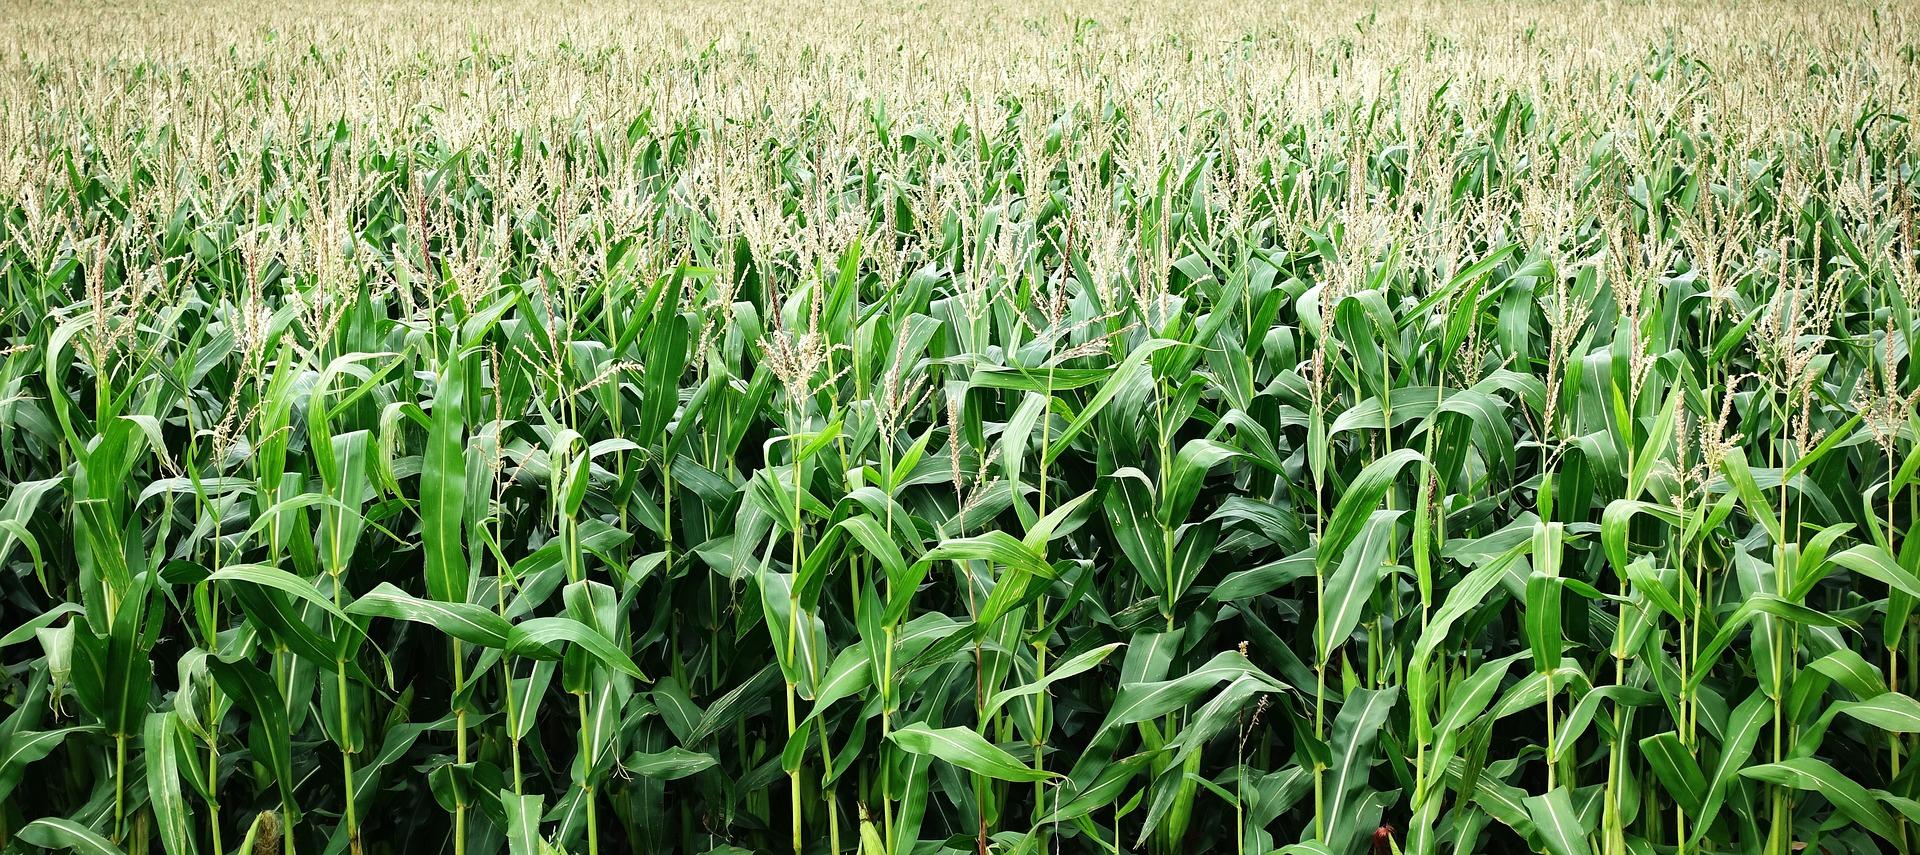 Wykosili blisko 12 hektarów pola uprawnego! - Zdjęcie główne